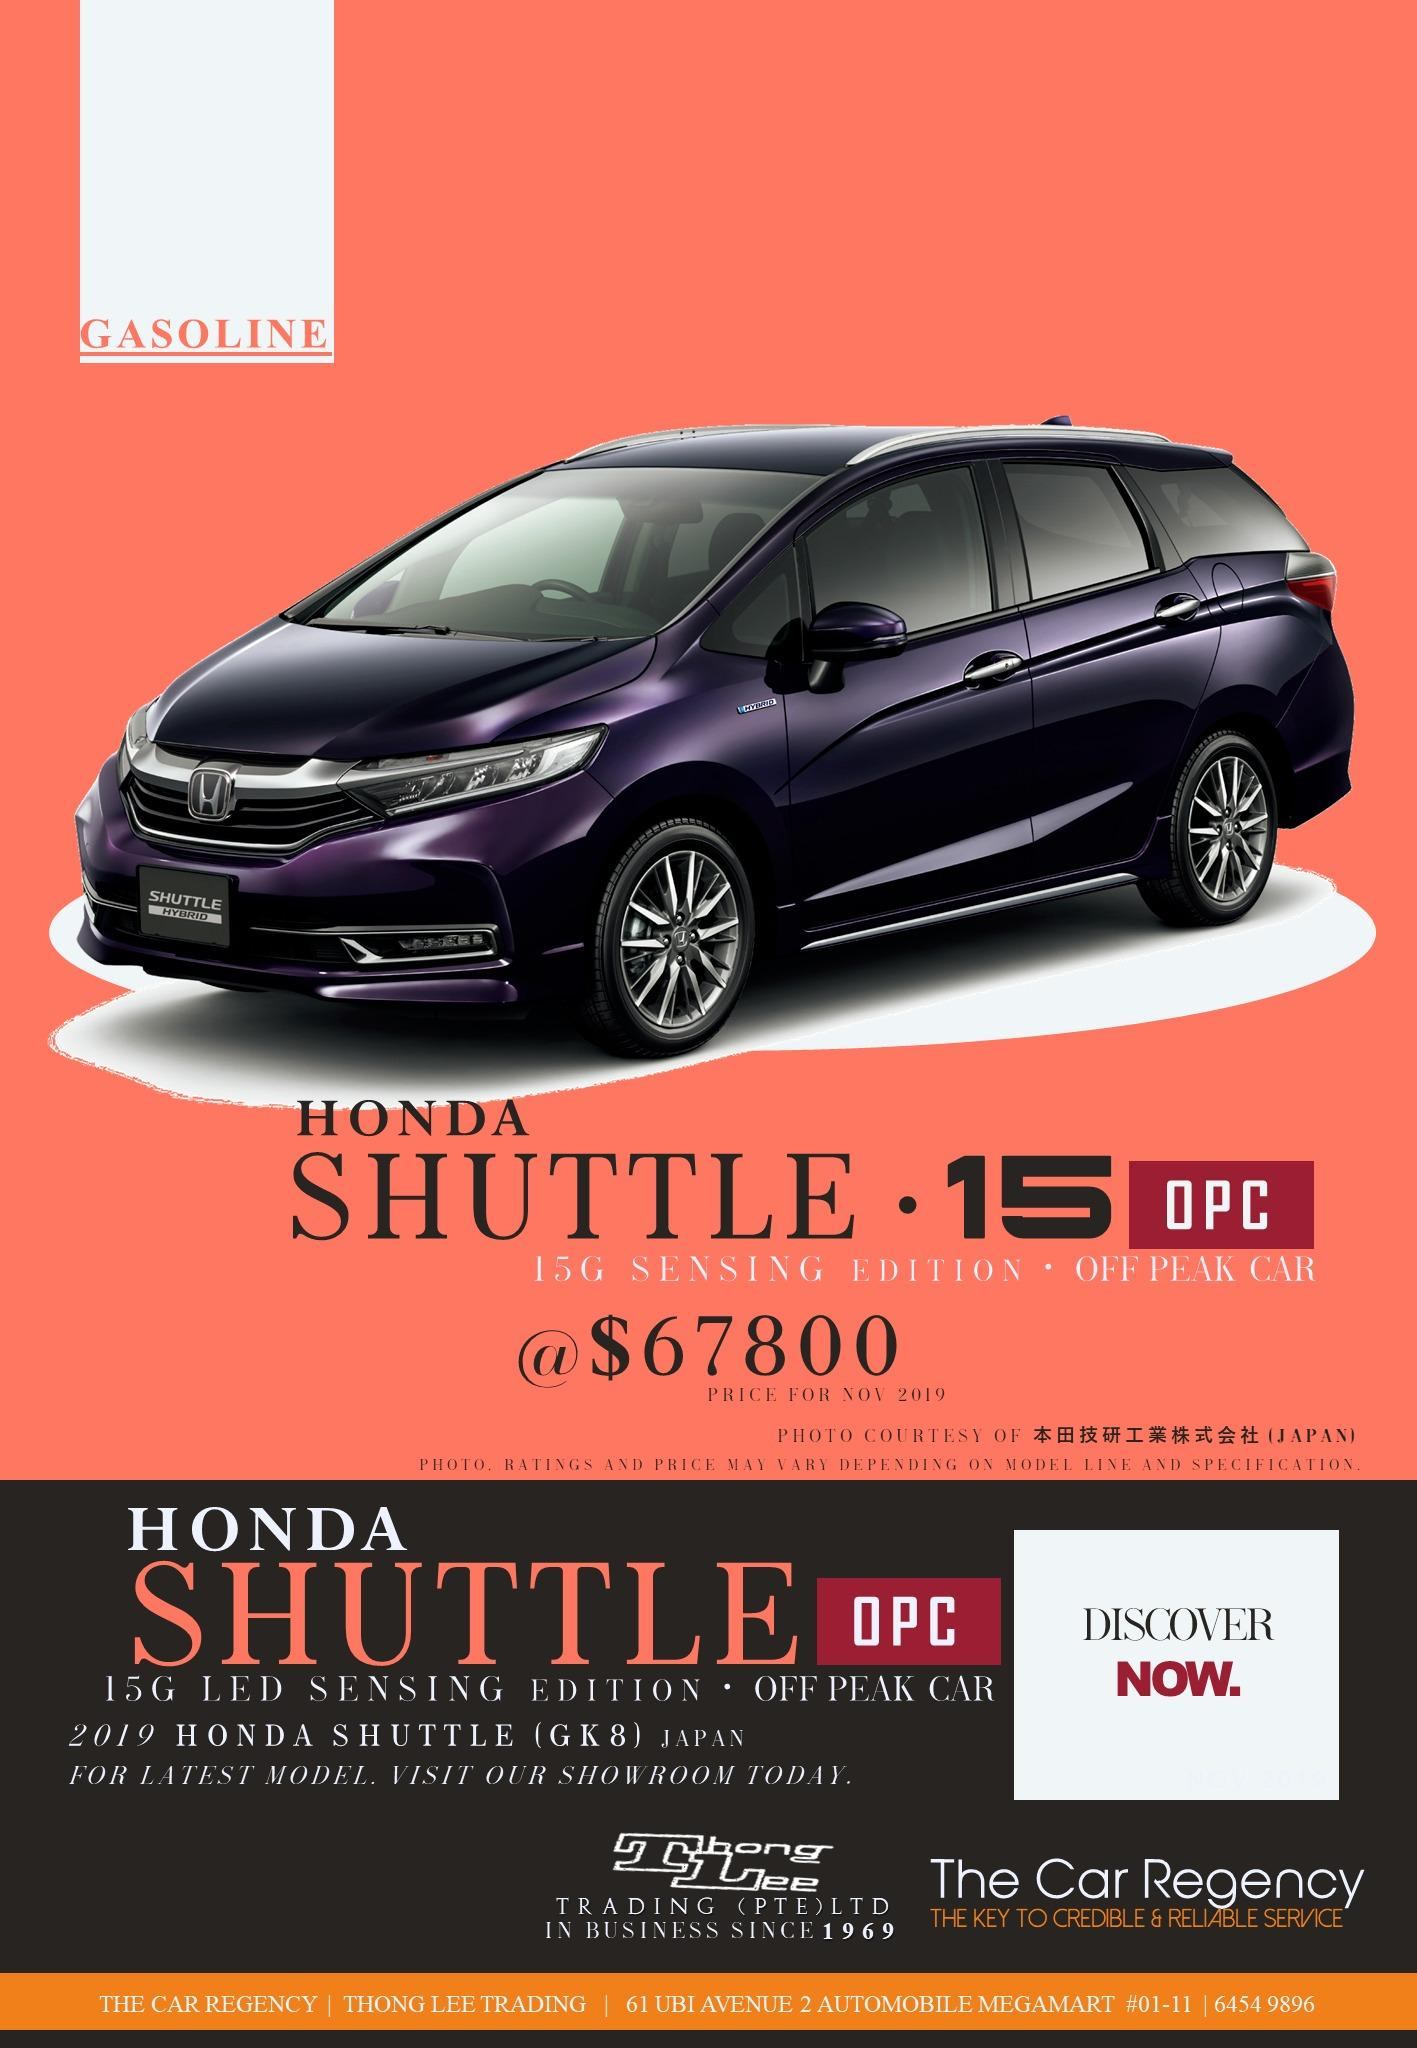 【 OPC 】 SHUTTLE LED ・ G HONDA SENSING [ HONDA JAPAN ](  GK8  )